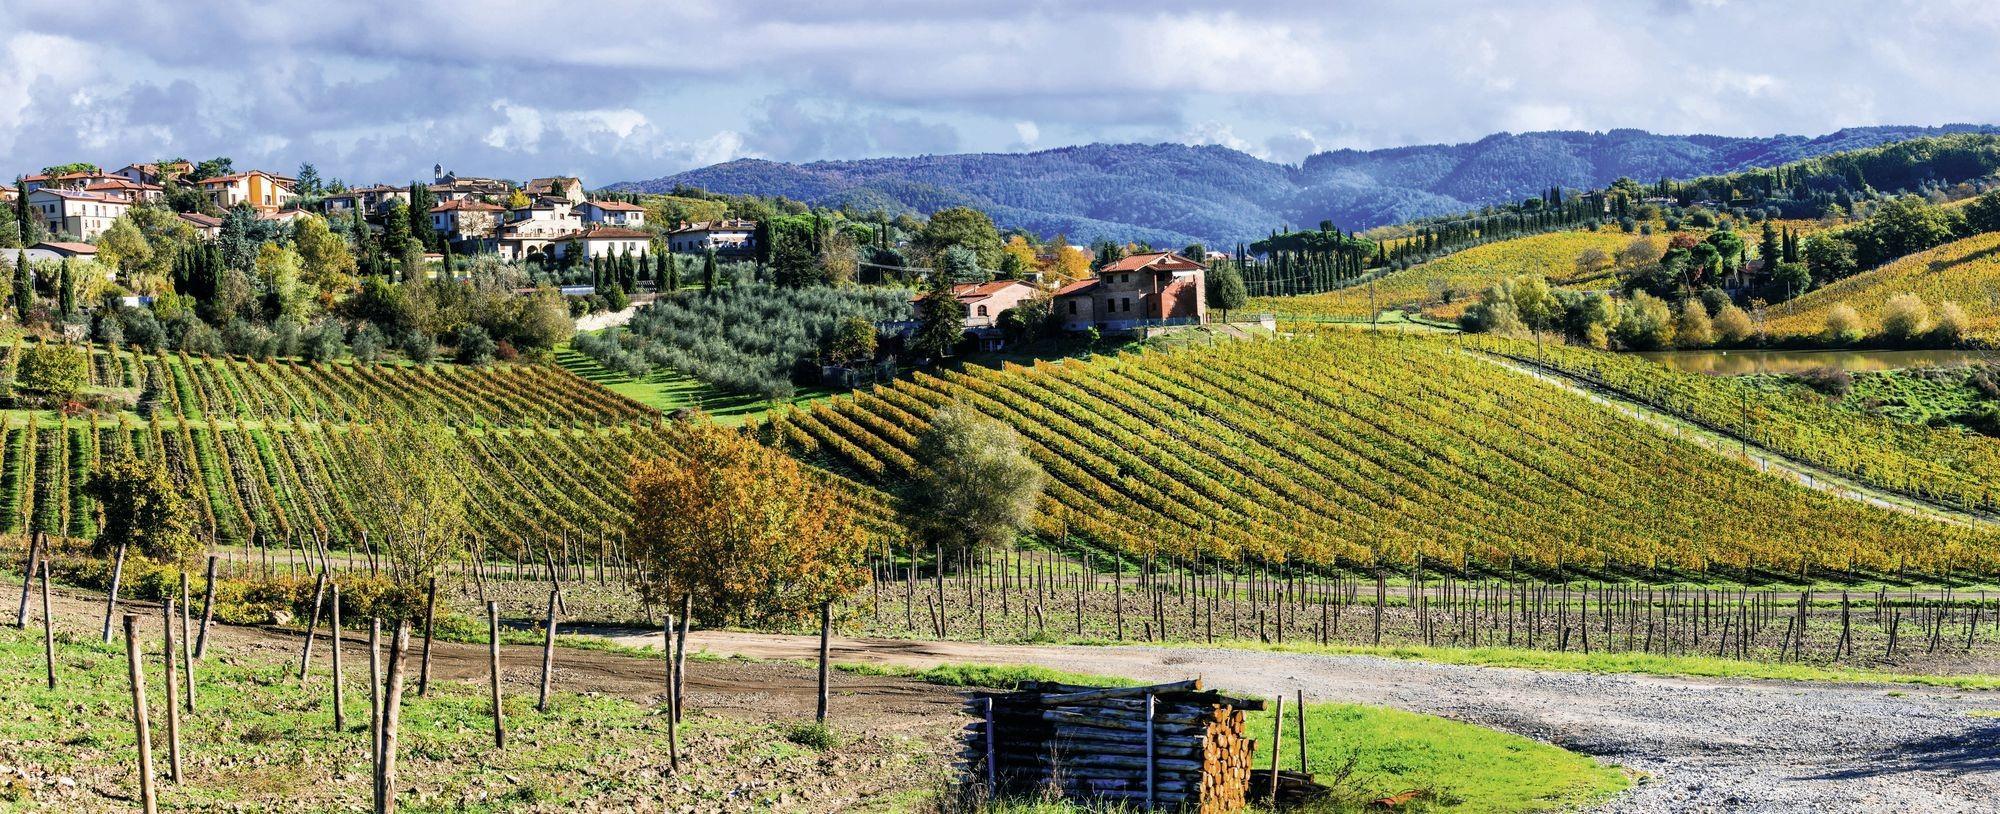 La région de Chianti, réputée pour l'œnotourisme